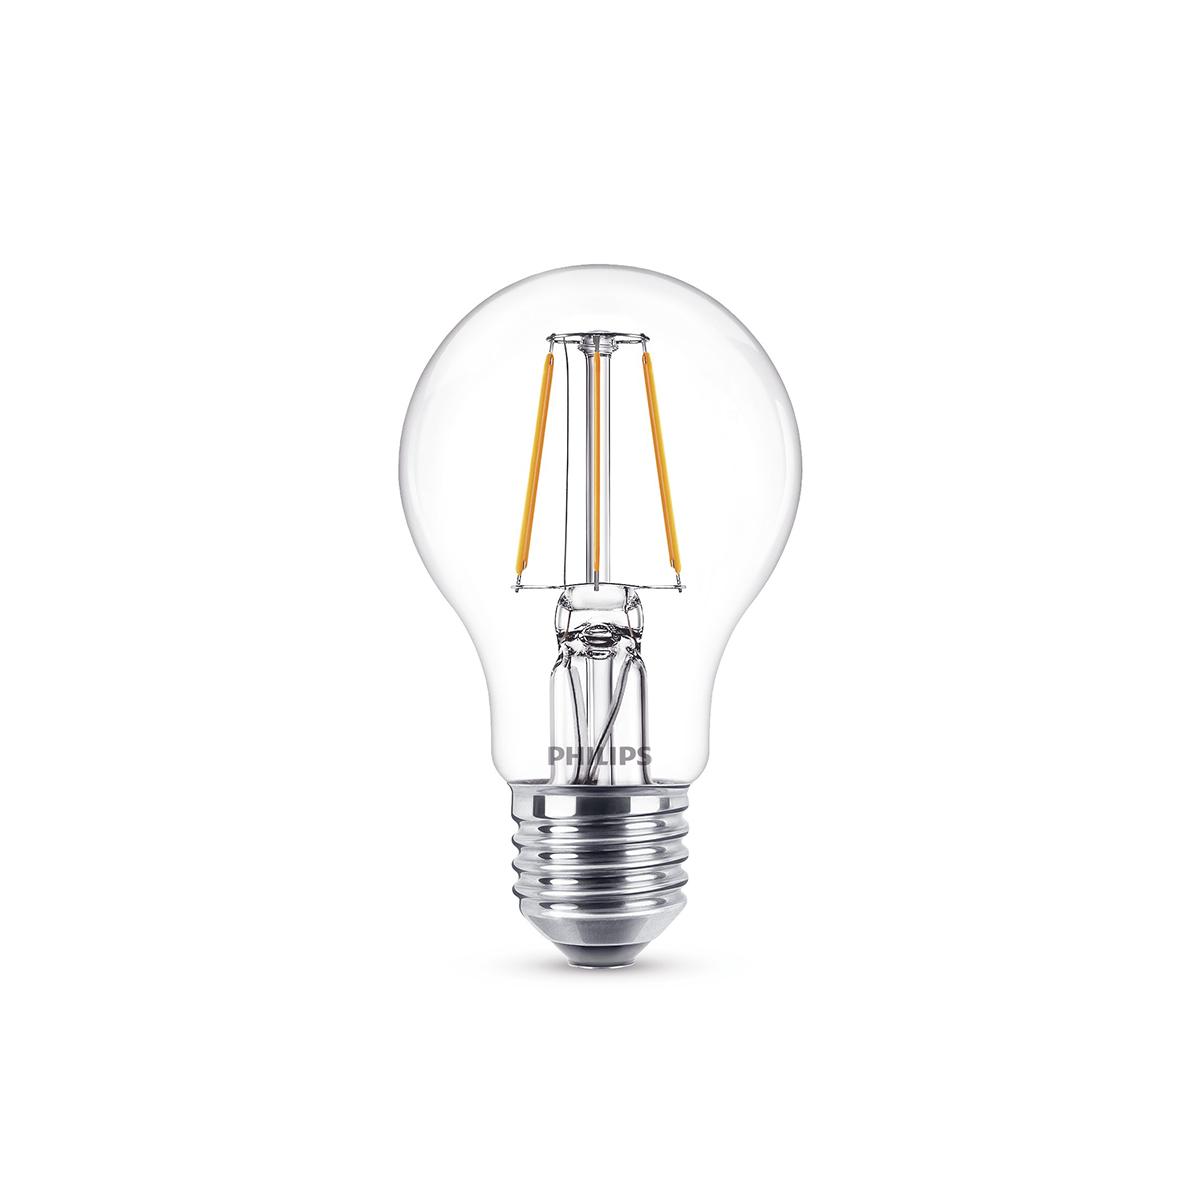 Philips Led Leuchten Katalog : philips leuchtmittel led classic lampe e27 4 w warmwei ~ Watch28wear.com Haus und Dekorationen